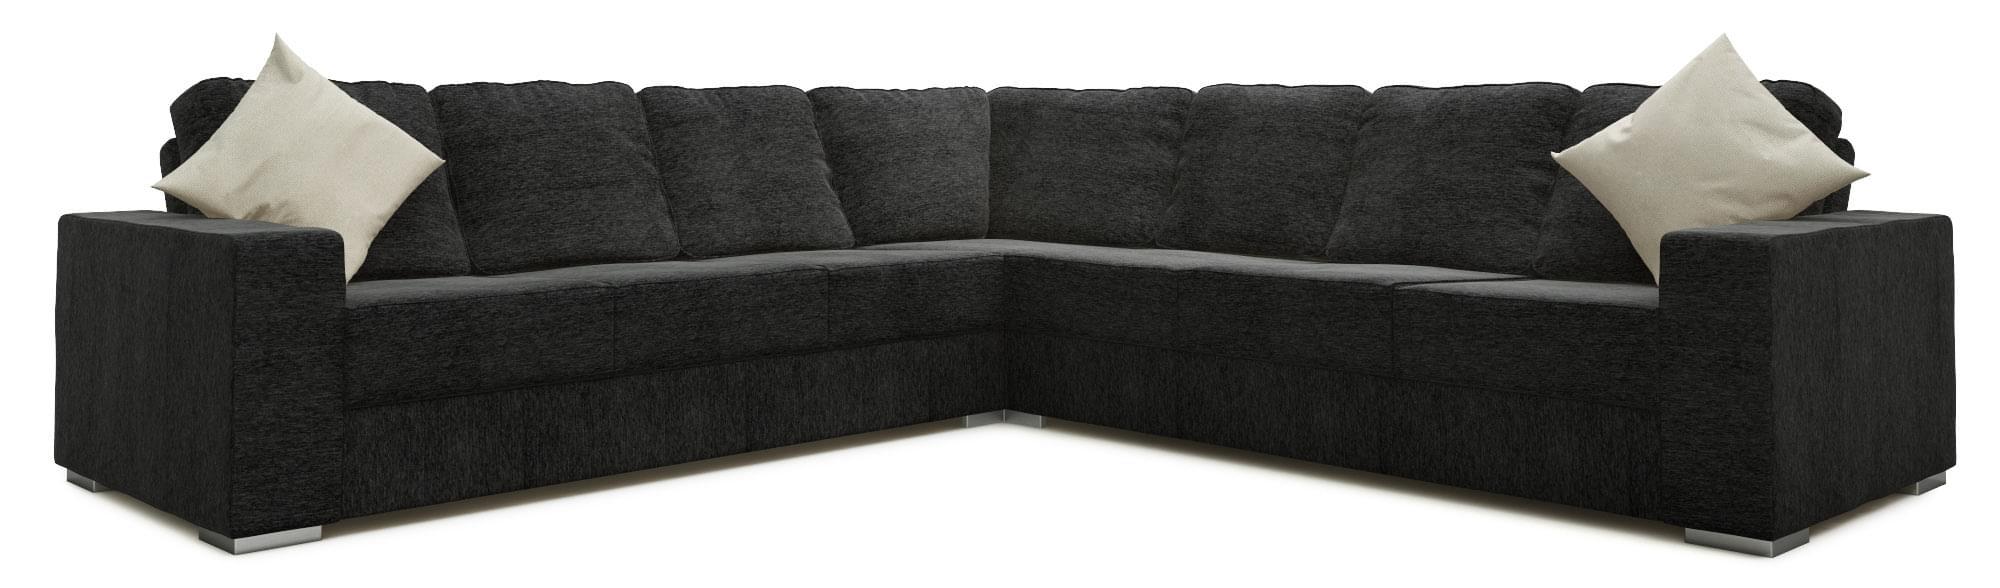 Ato 4X4 Corner Sofa